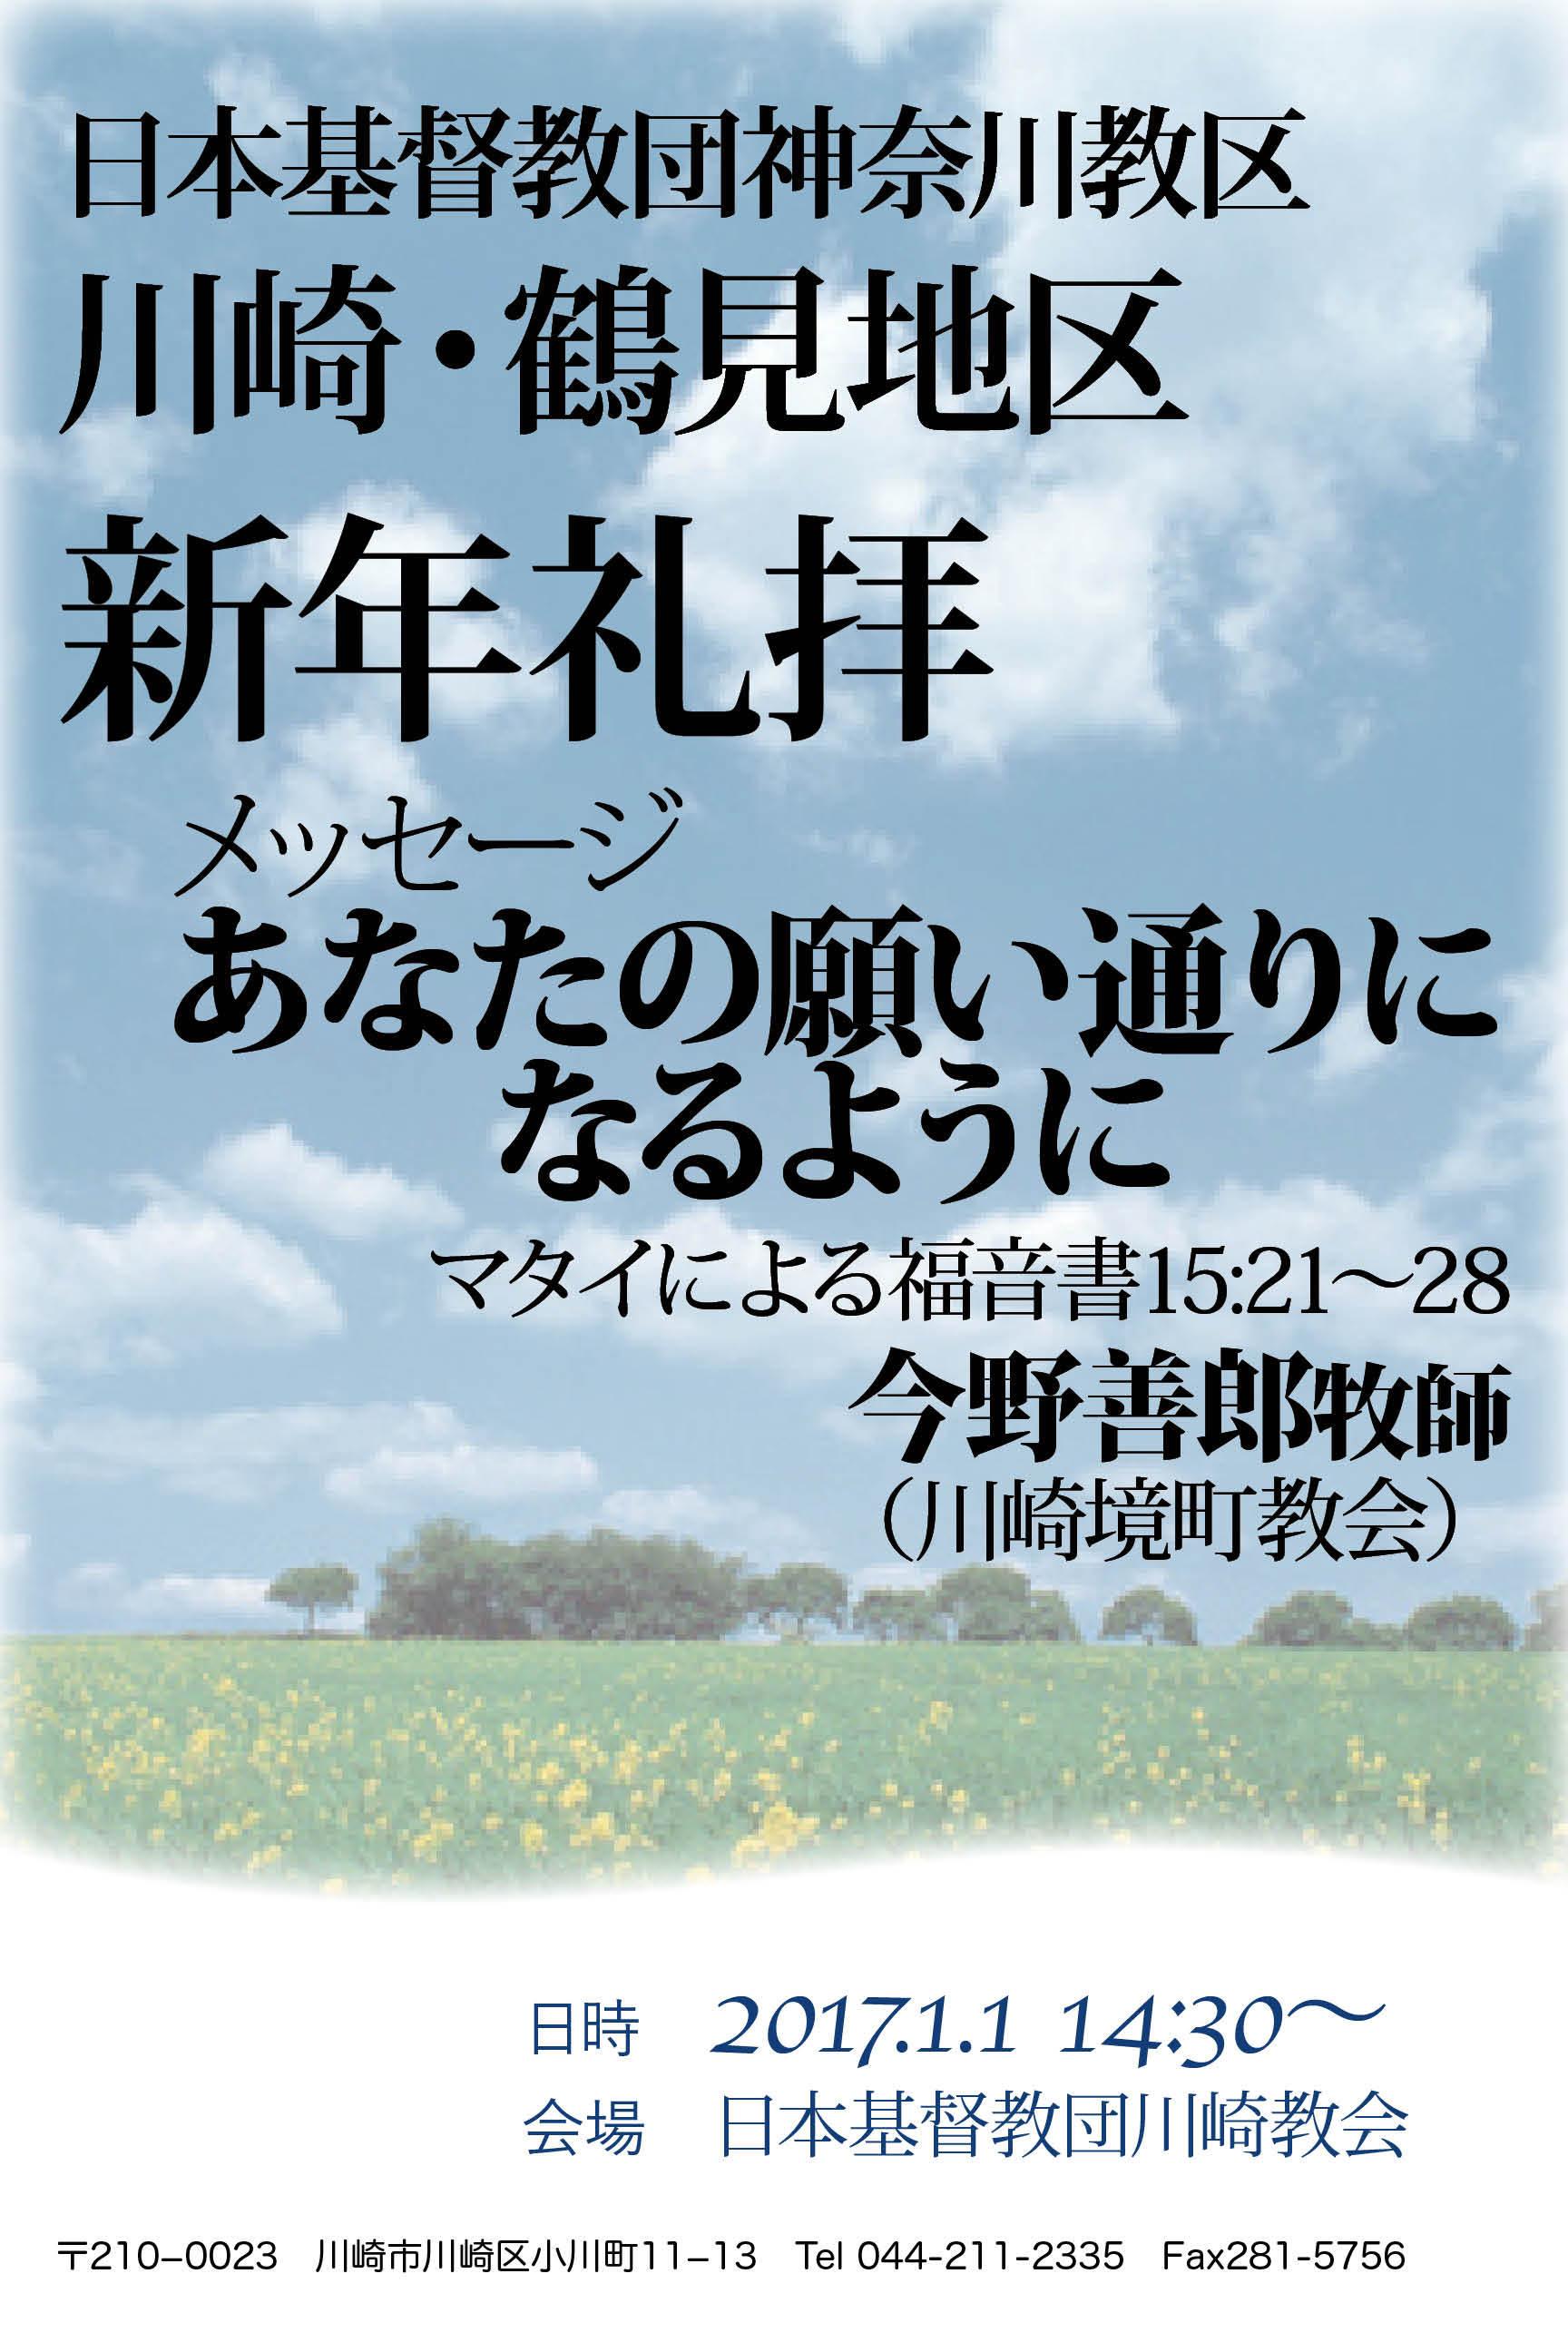 川崎・鶴見地区新年礼拝_a0095142_13192497.jpg